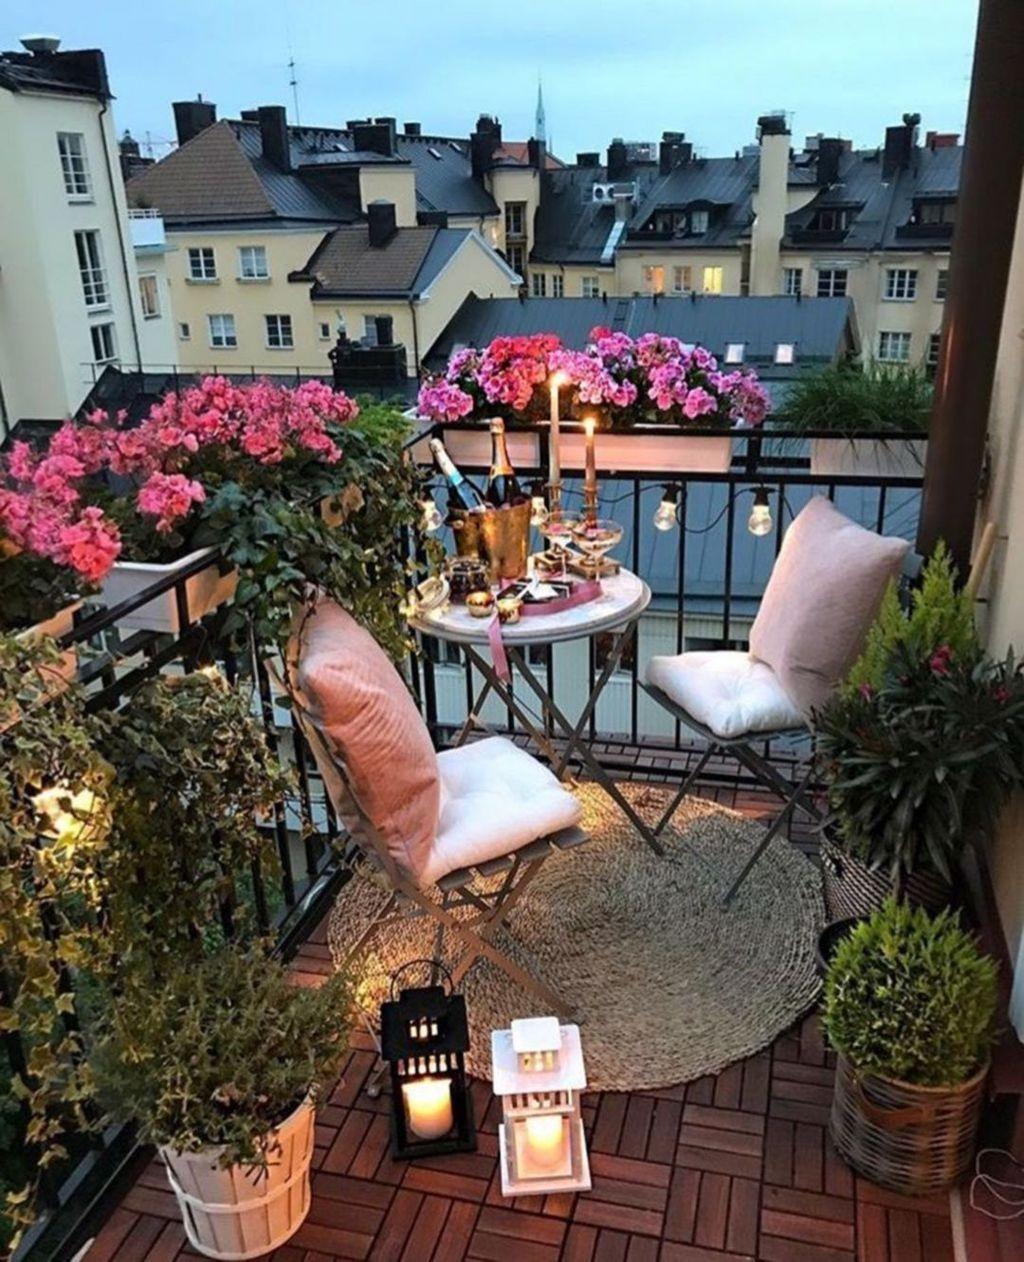 The Best Apartment Balcony Decor Ideas For Fall Season 13